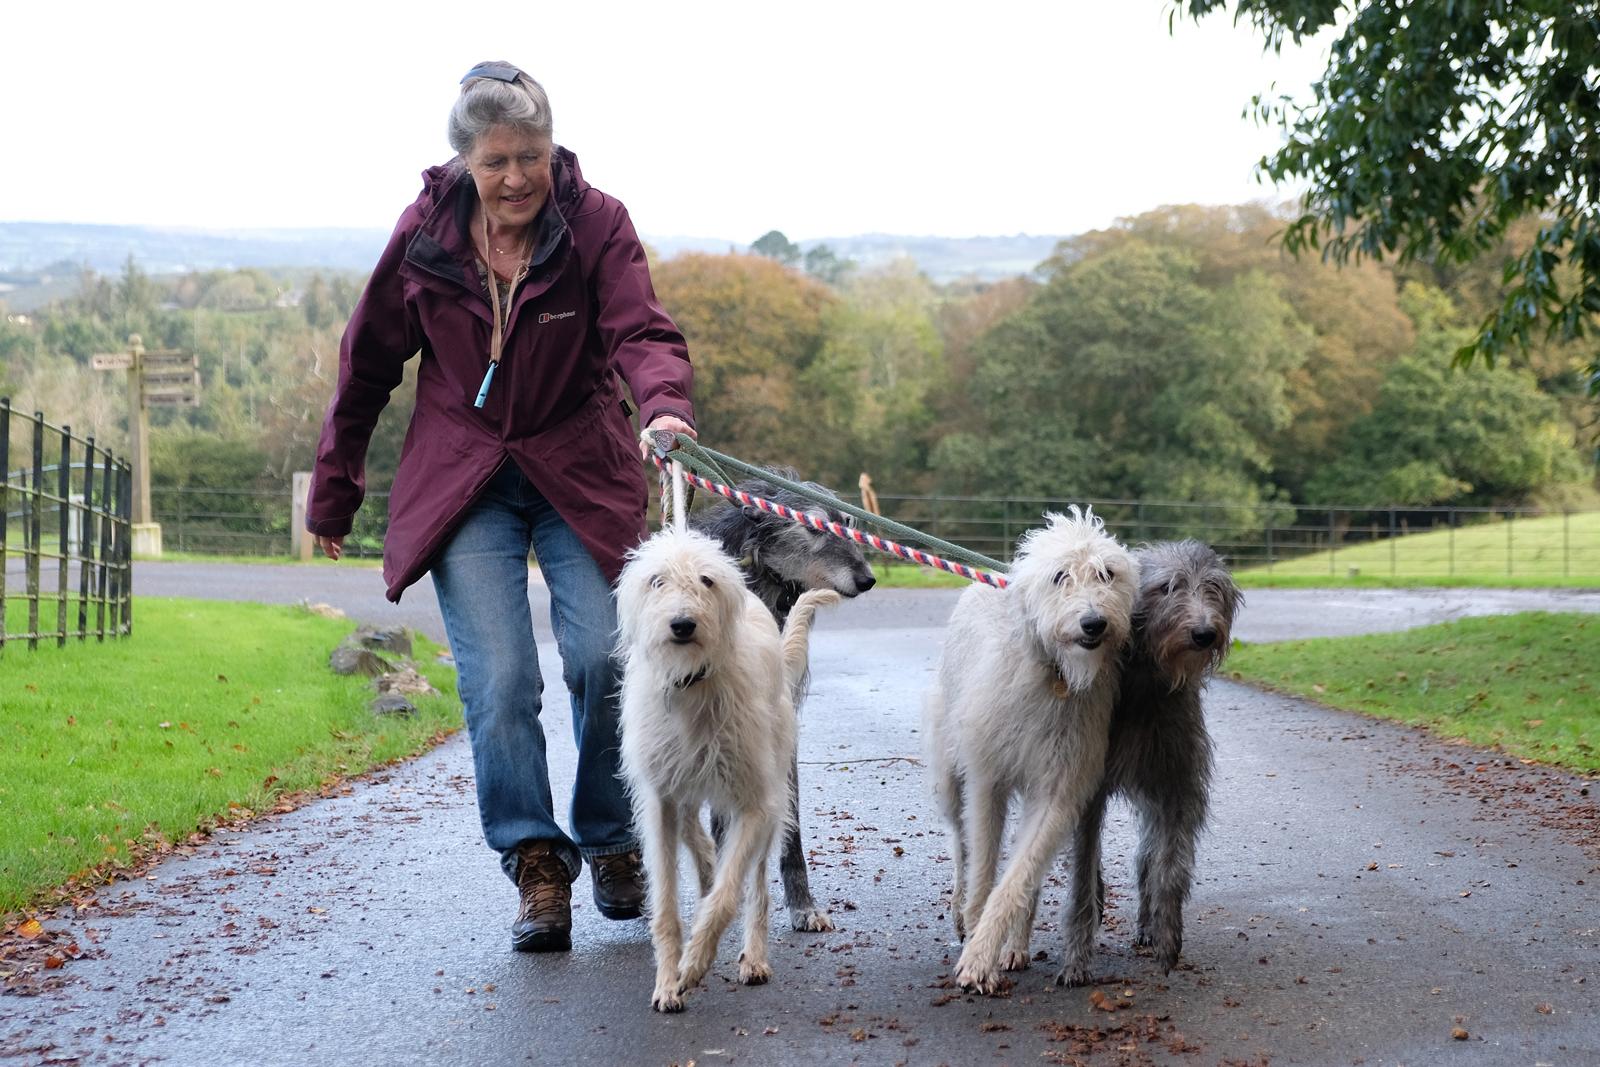 Walking the dogs - Derek